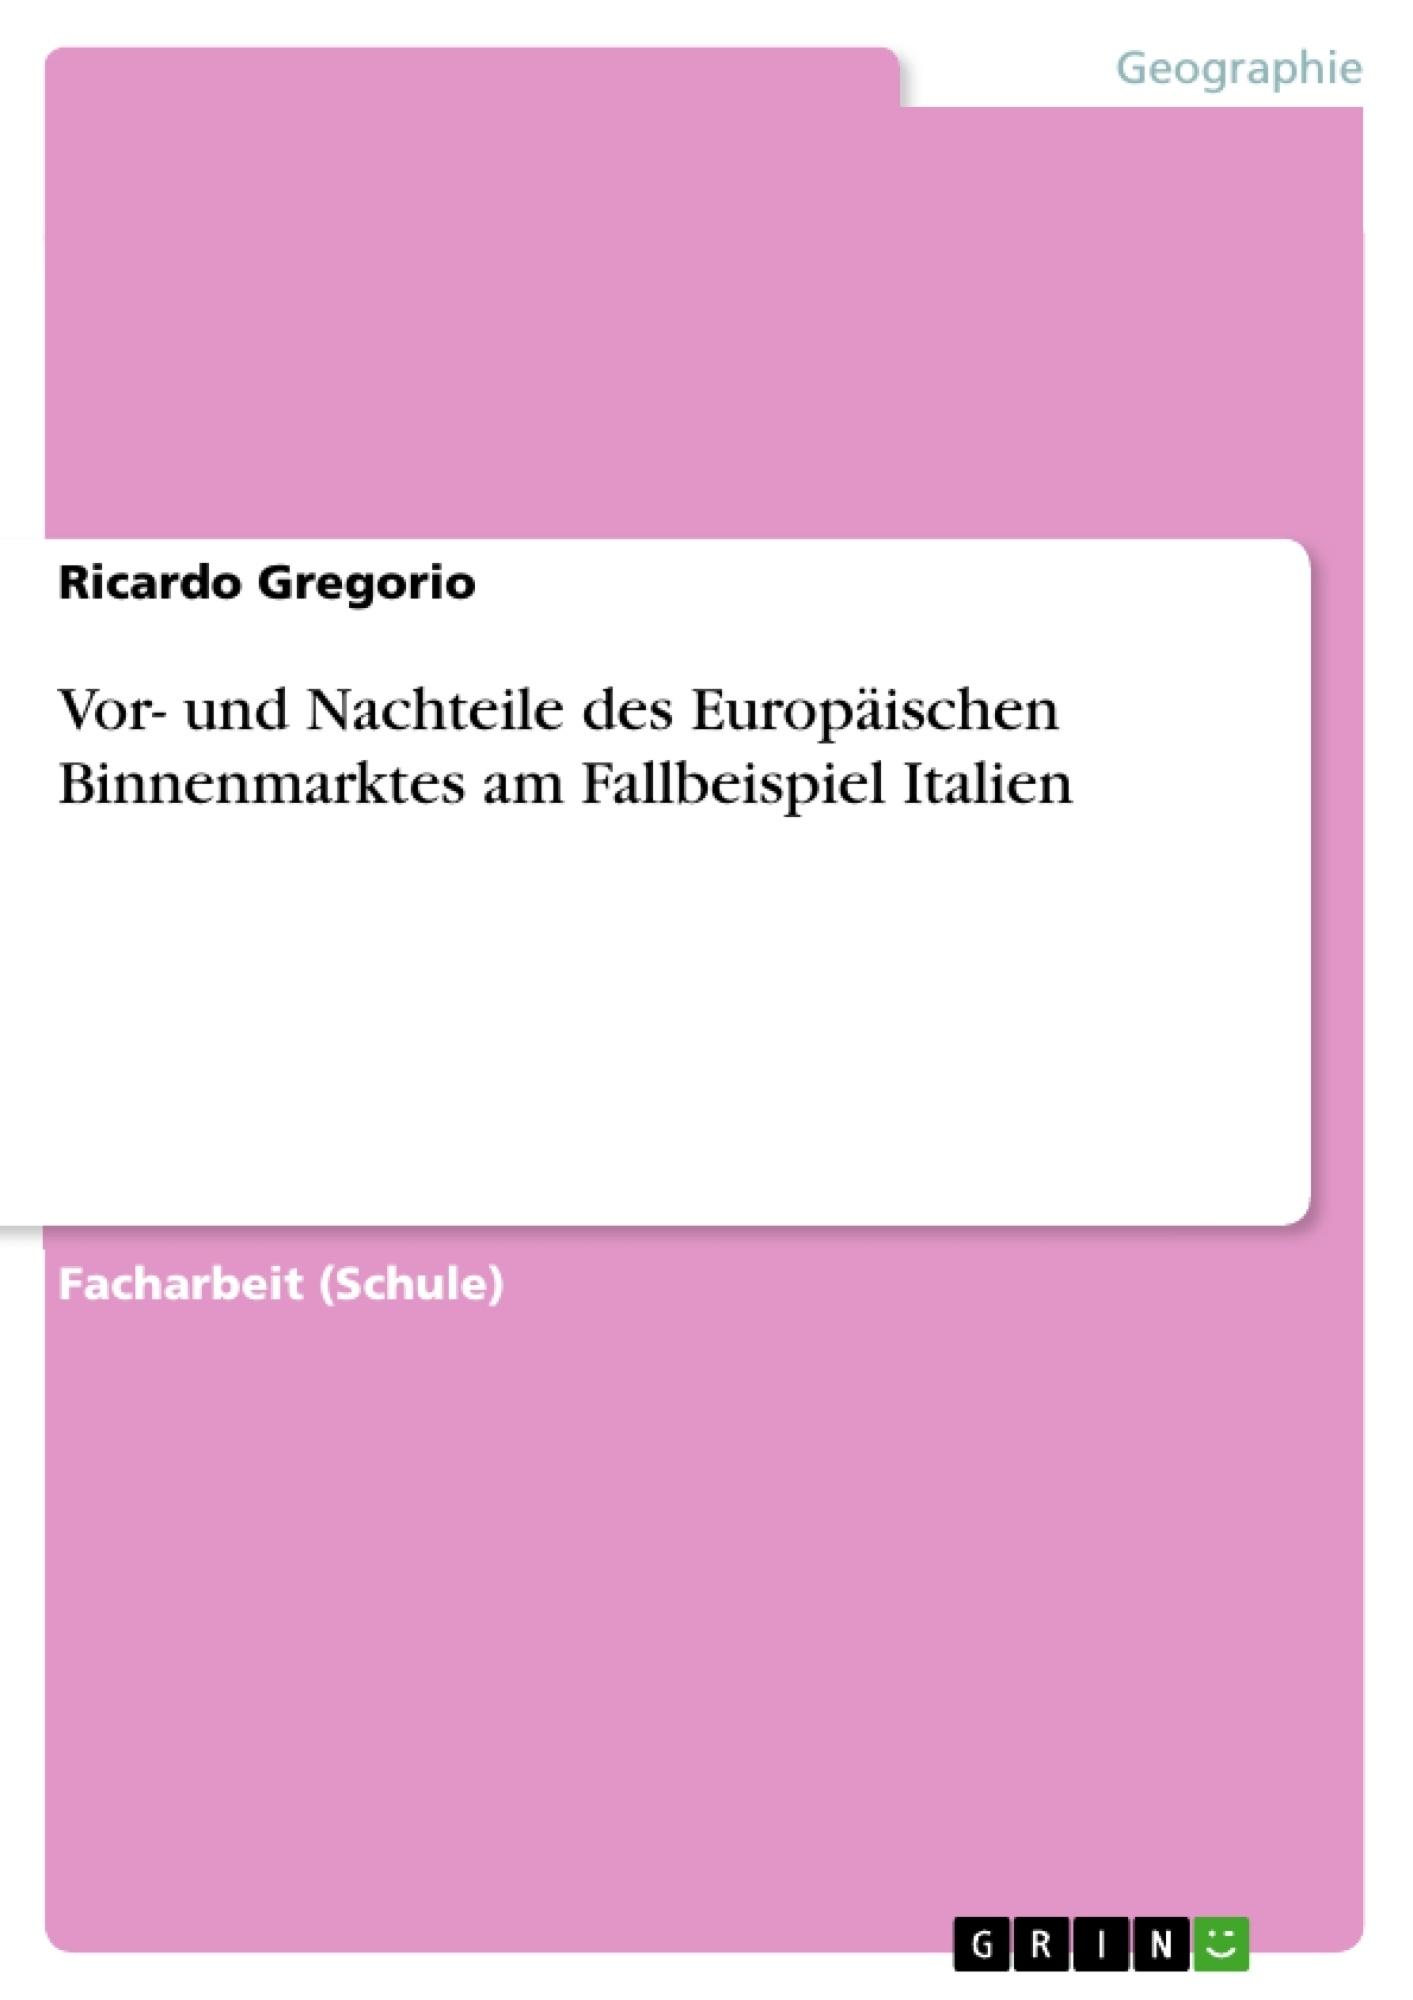 Titel: Vor- und Nachteile des Europäischen  Binnenmarktes am Fallbeispiel Italien